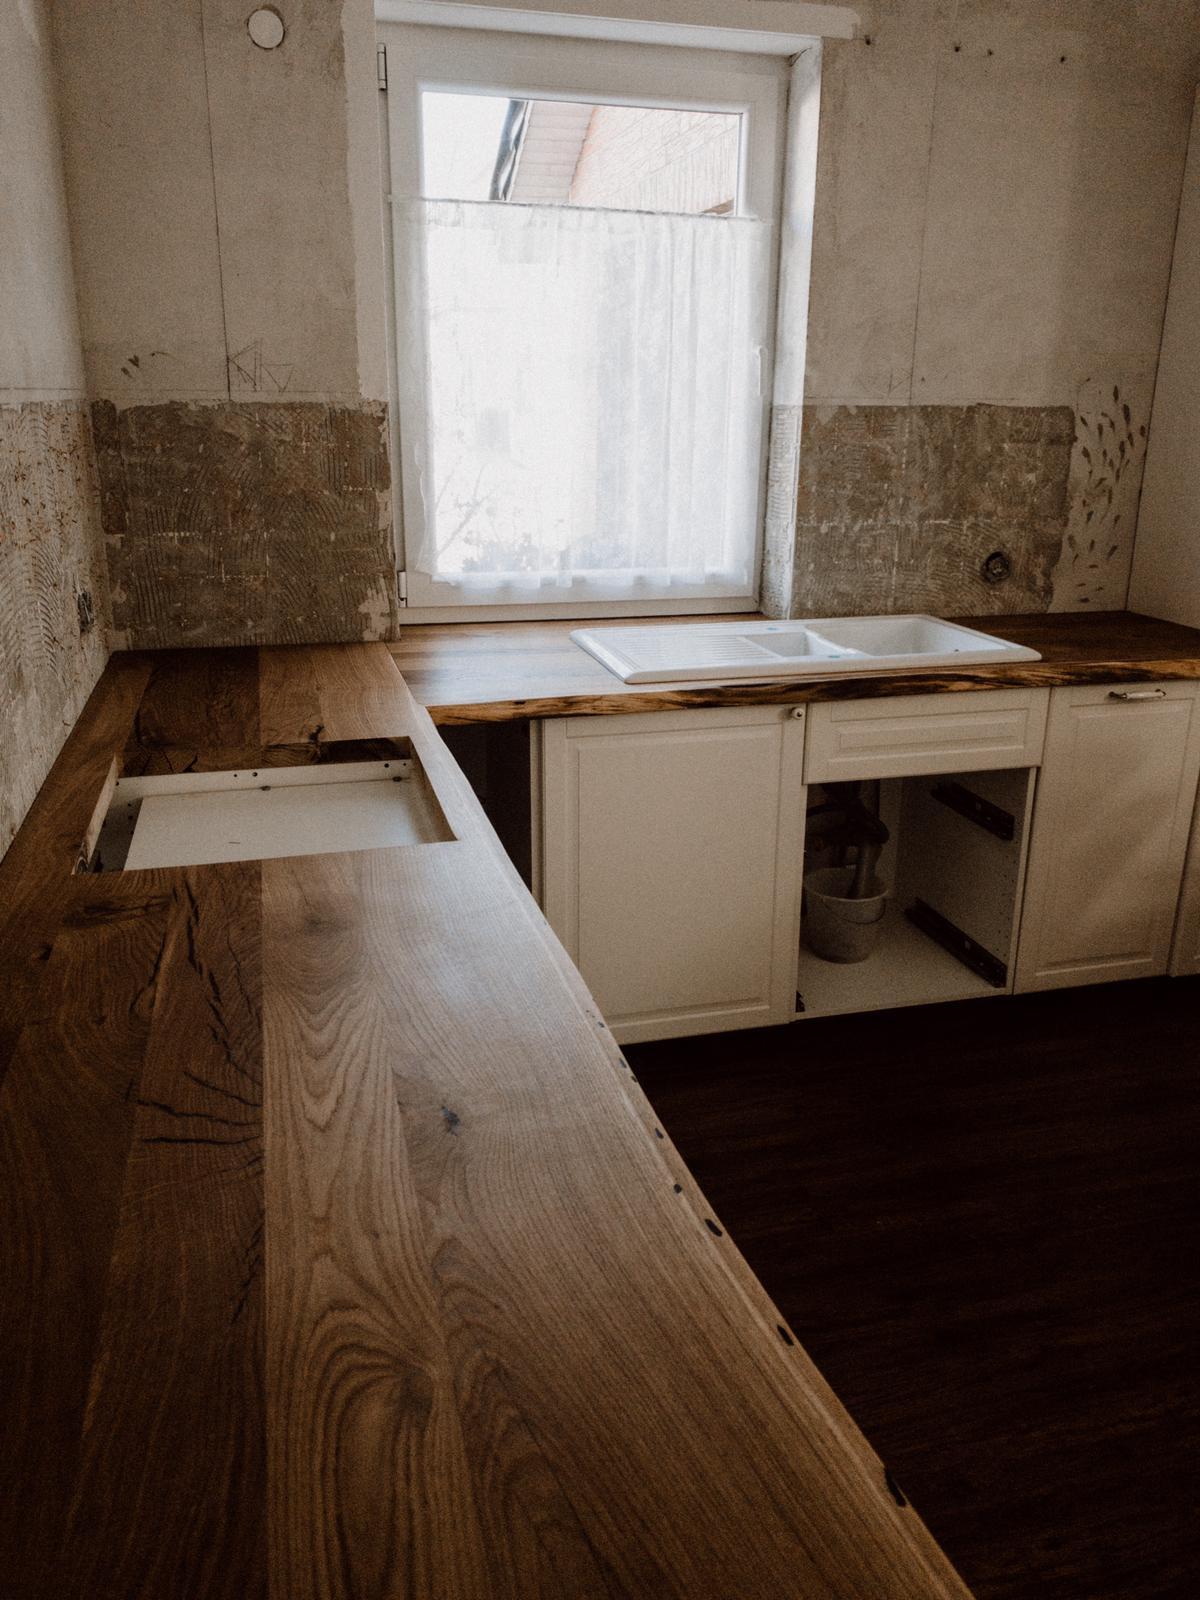 kücheausnachhaltigemholz_8